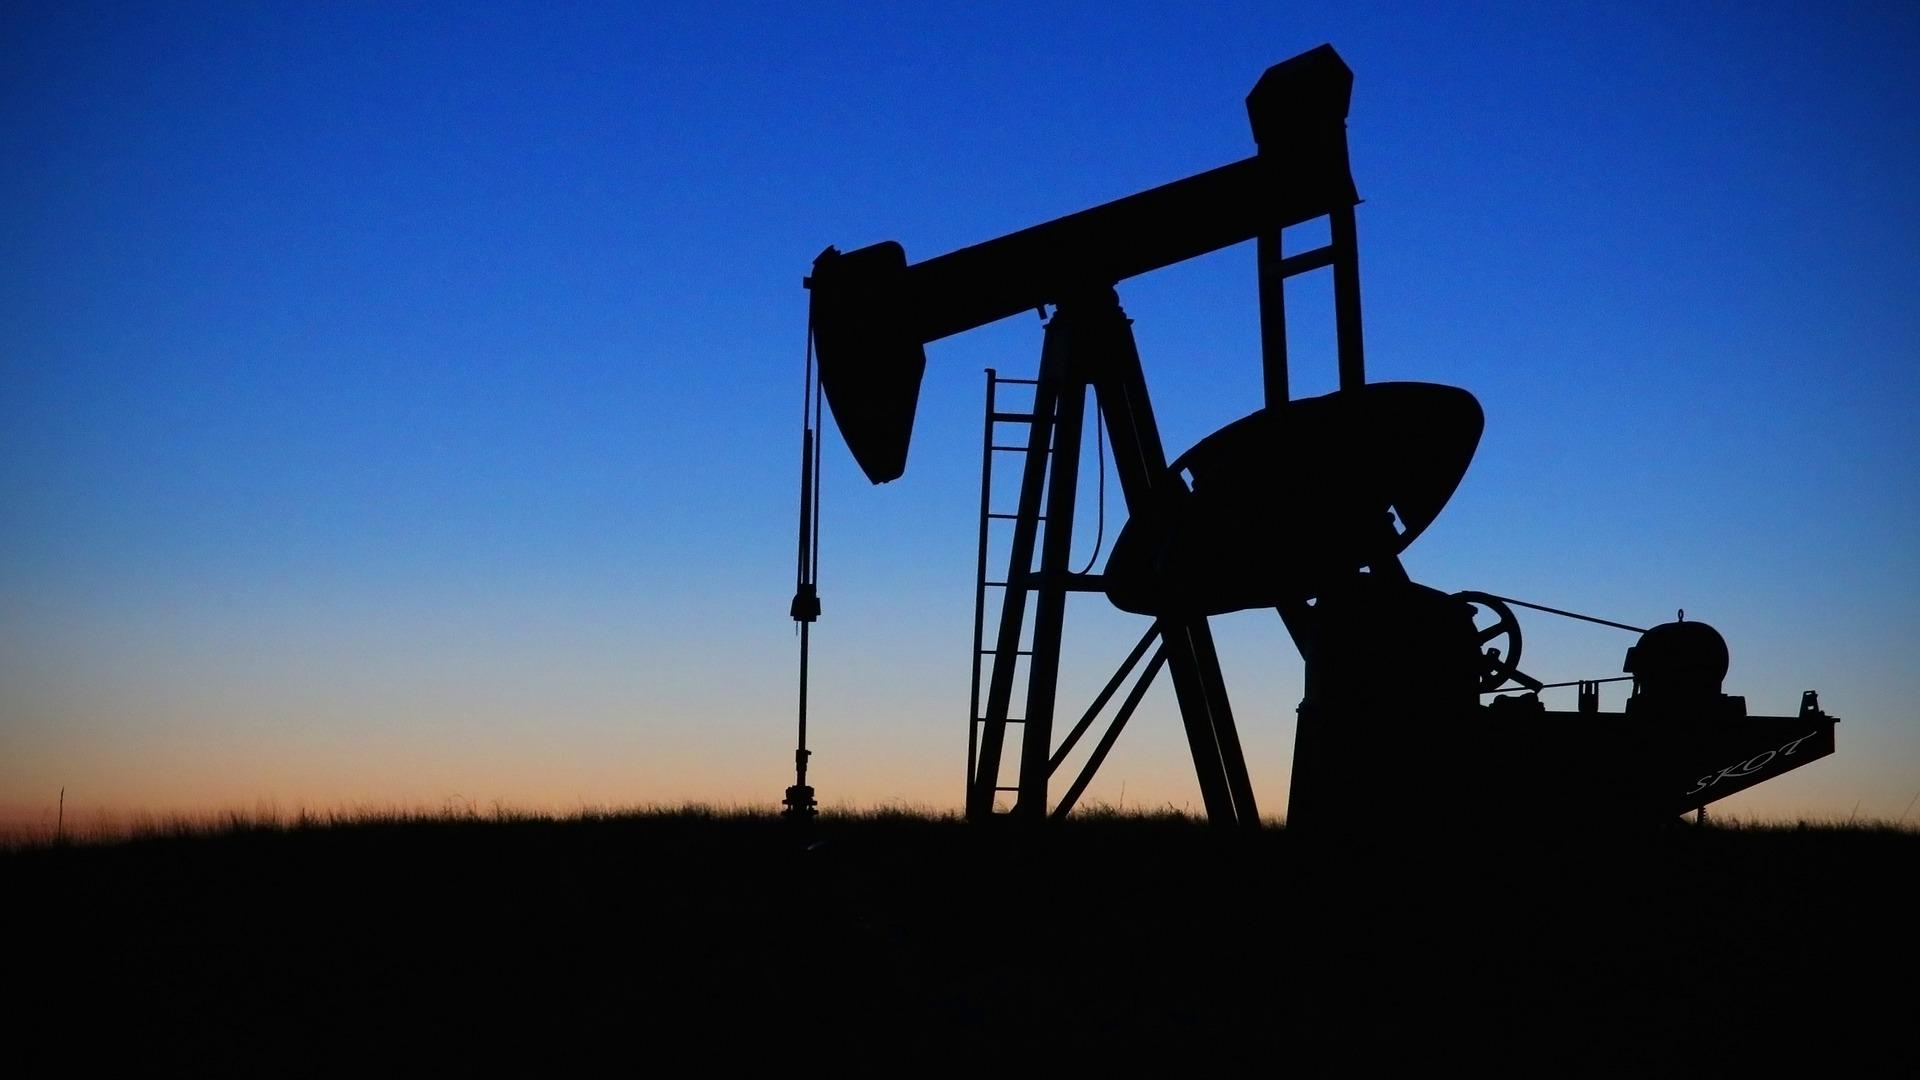 Pétrole : son prix a baissé de 25 % depuis début octobre